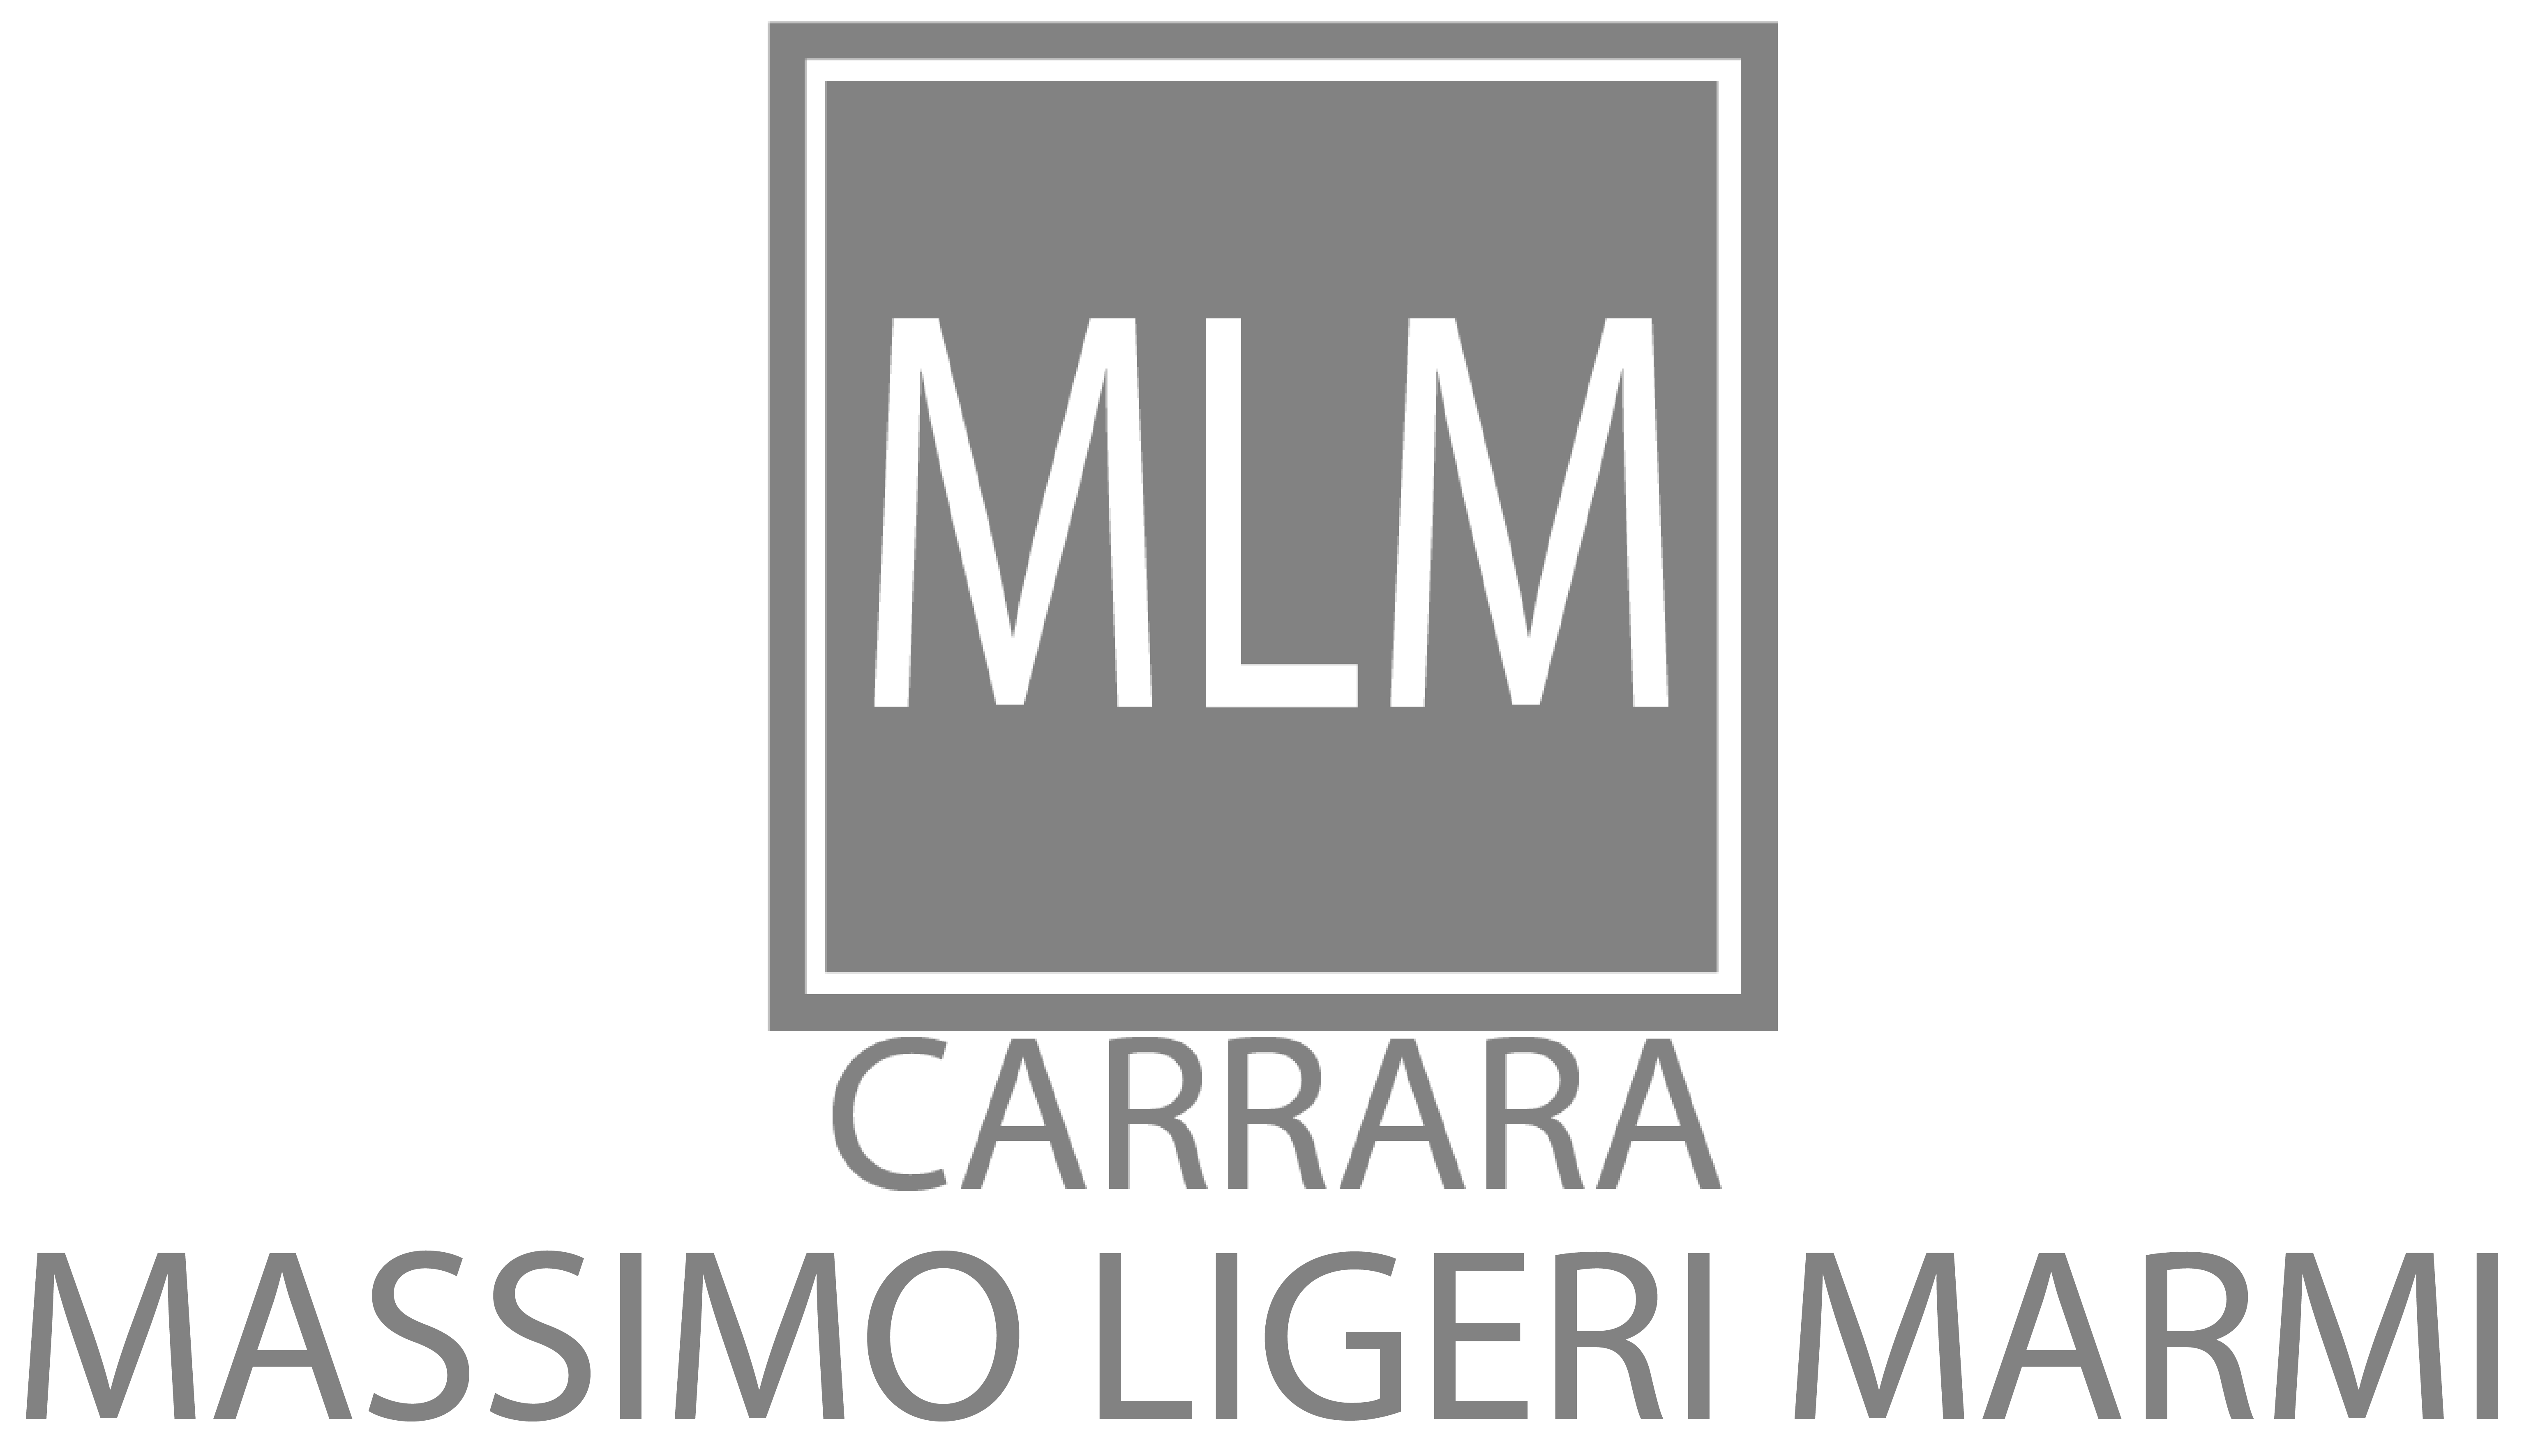 Massimo Ligeri Marmi